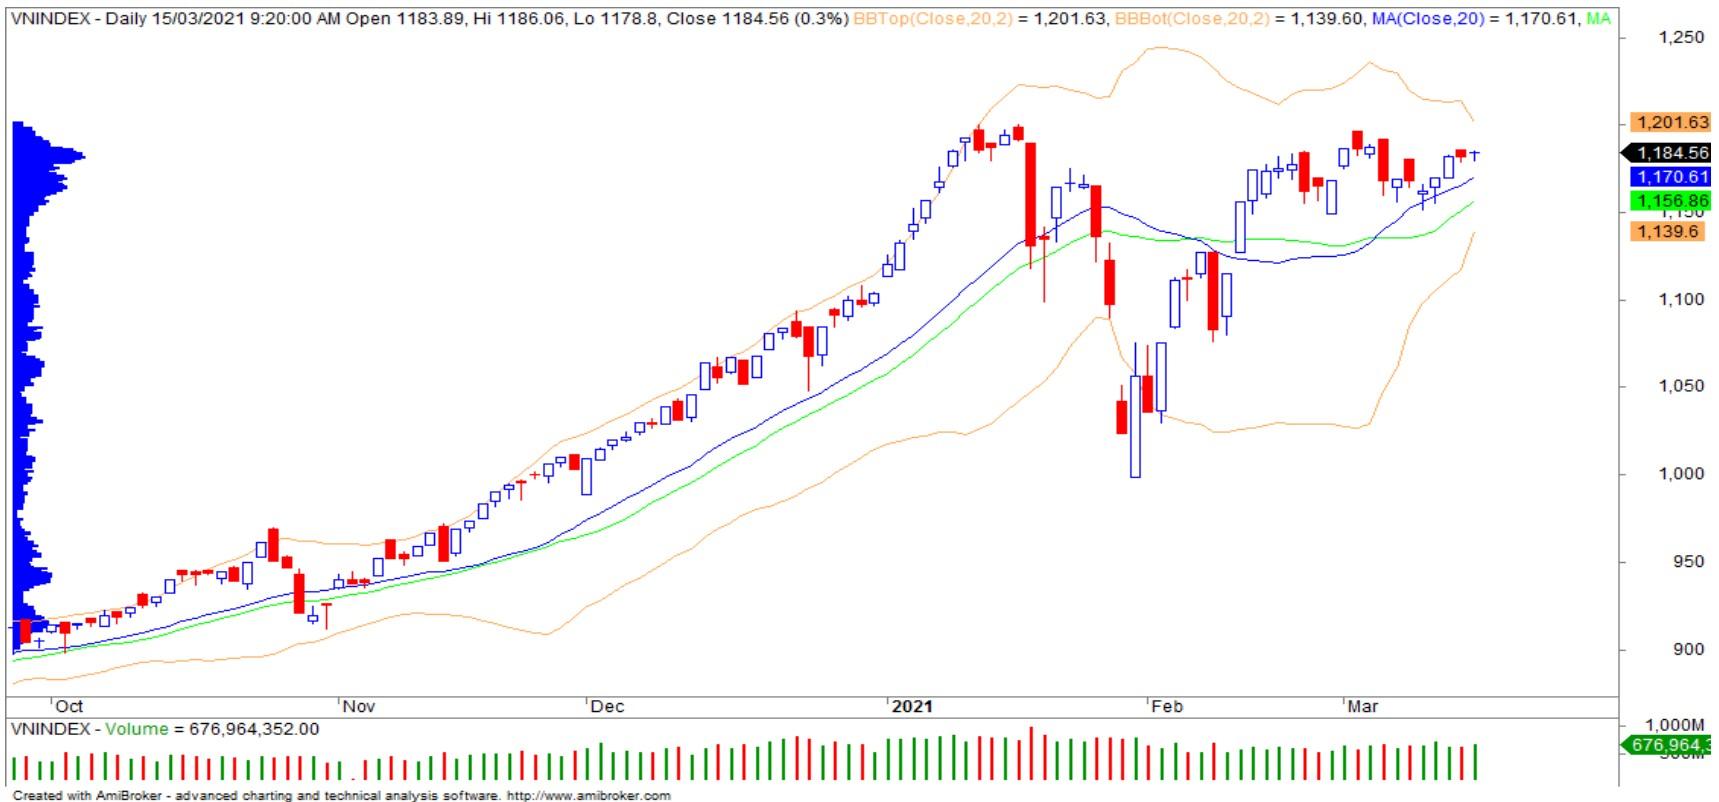 Nhận định thị trường chứng khoán ngày 16/3: VN-Index chưa thoát khỏi trạng thái giằng co - Ảnh 1.